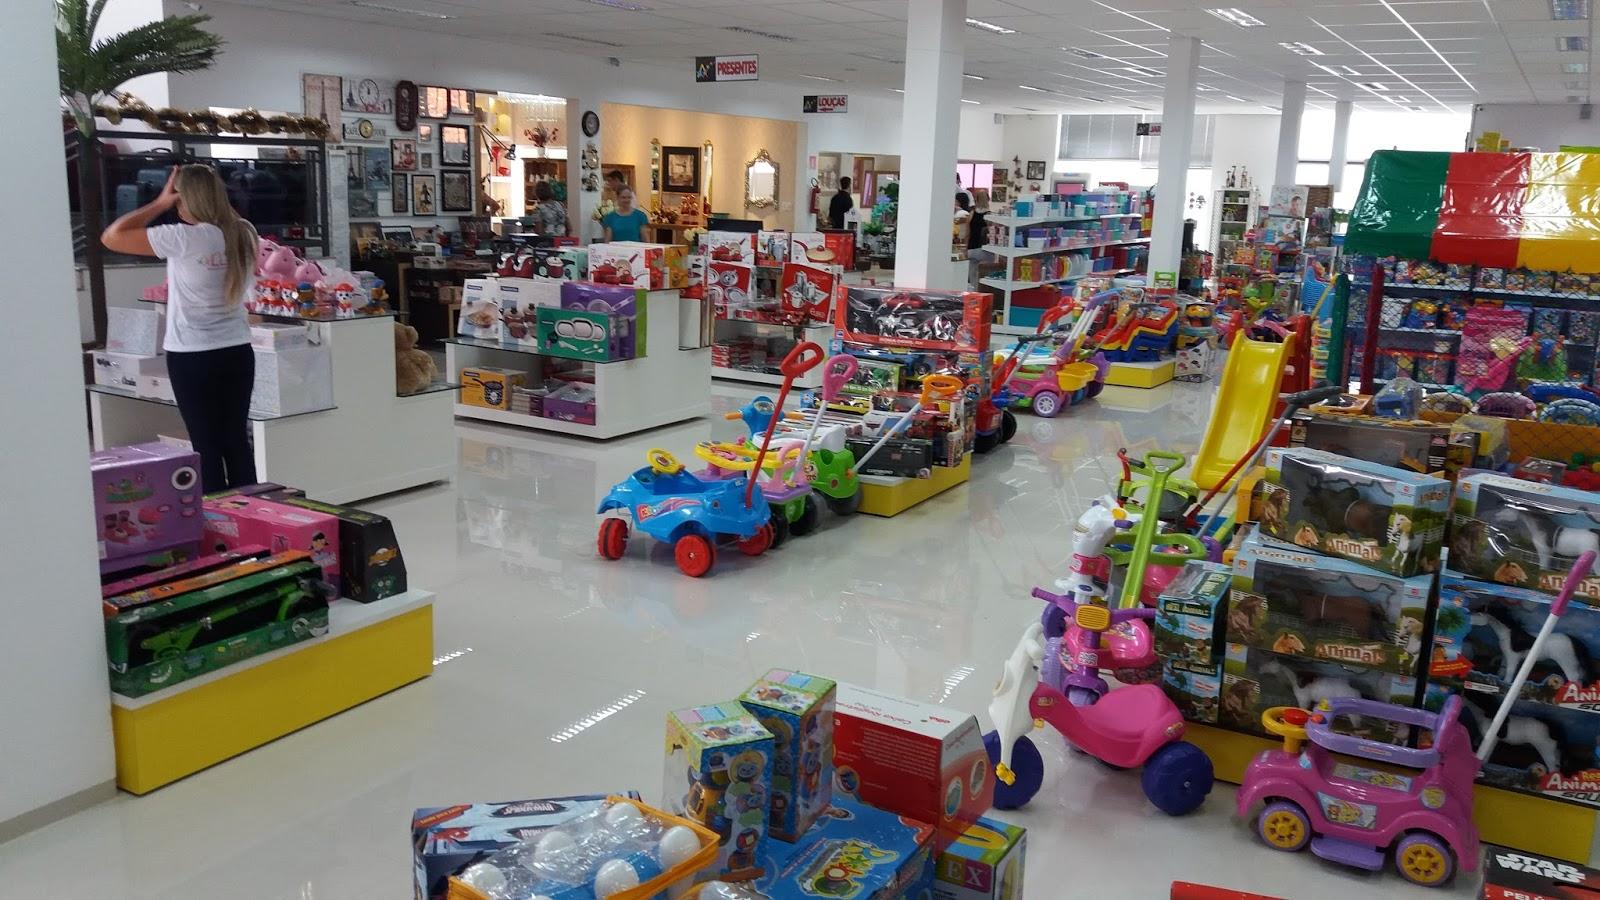 070a04b7b Mais empreendimento no ramo de brinquedos e decoração foi inaugurado em  Guarantã do Norte   Roteiro Notícias - Guarantã do Norte e Região